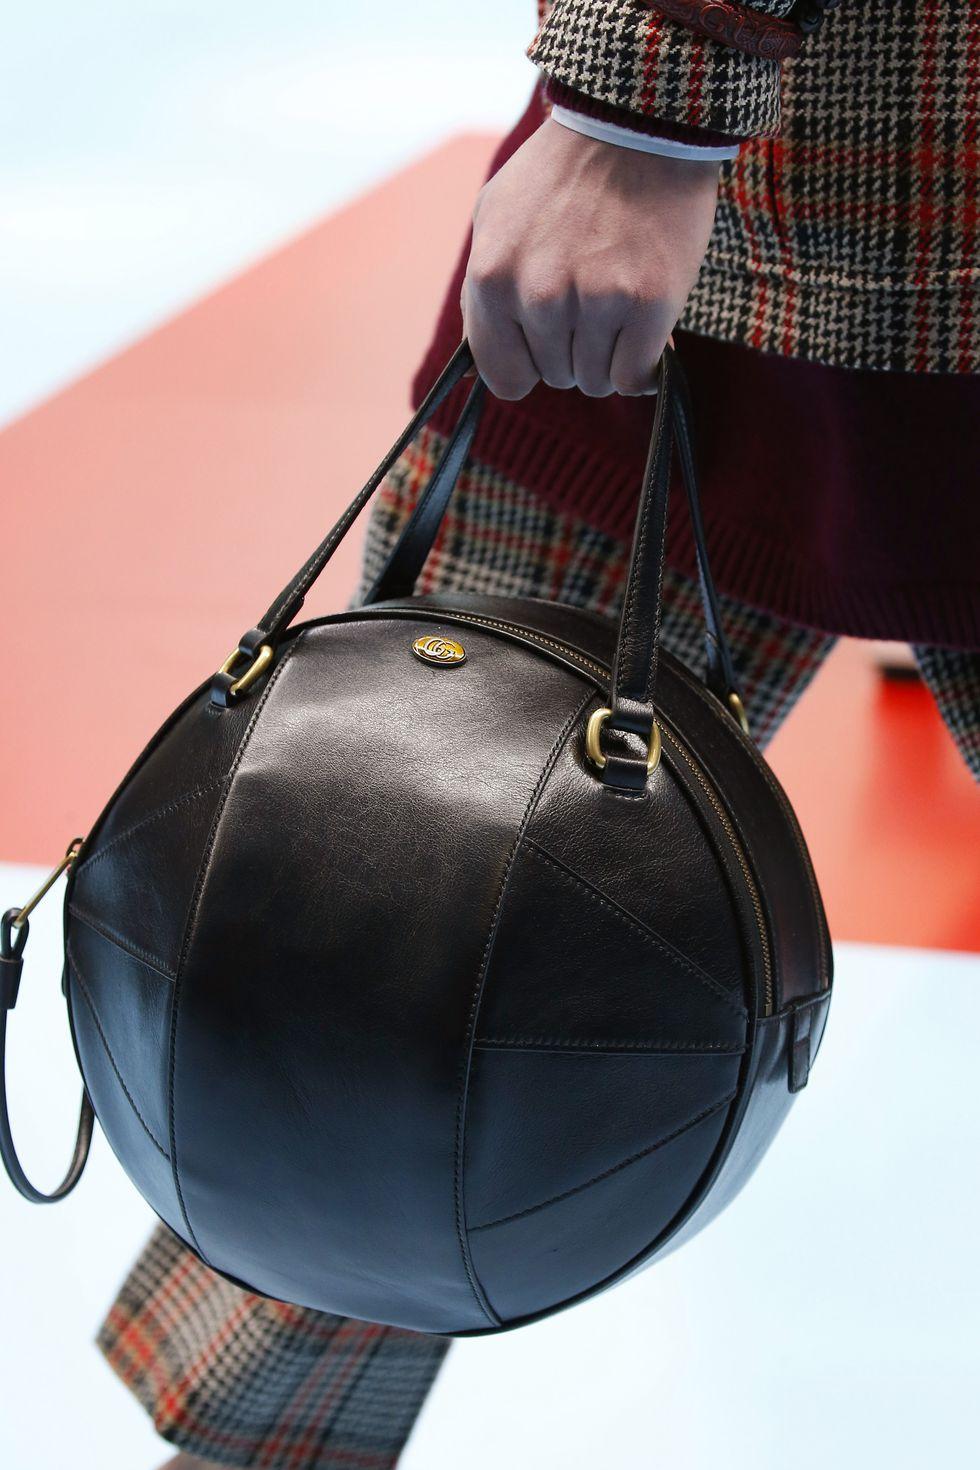 6 Xu hướng túi xách đáng chú ý trên sàn diễn Milan Fall 2018